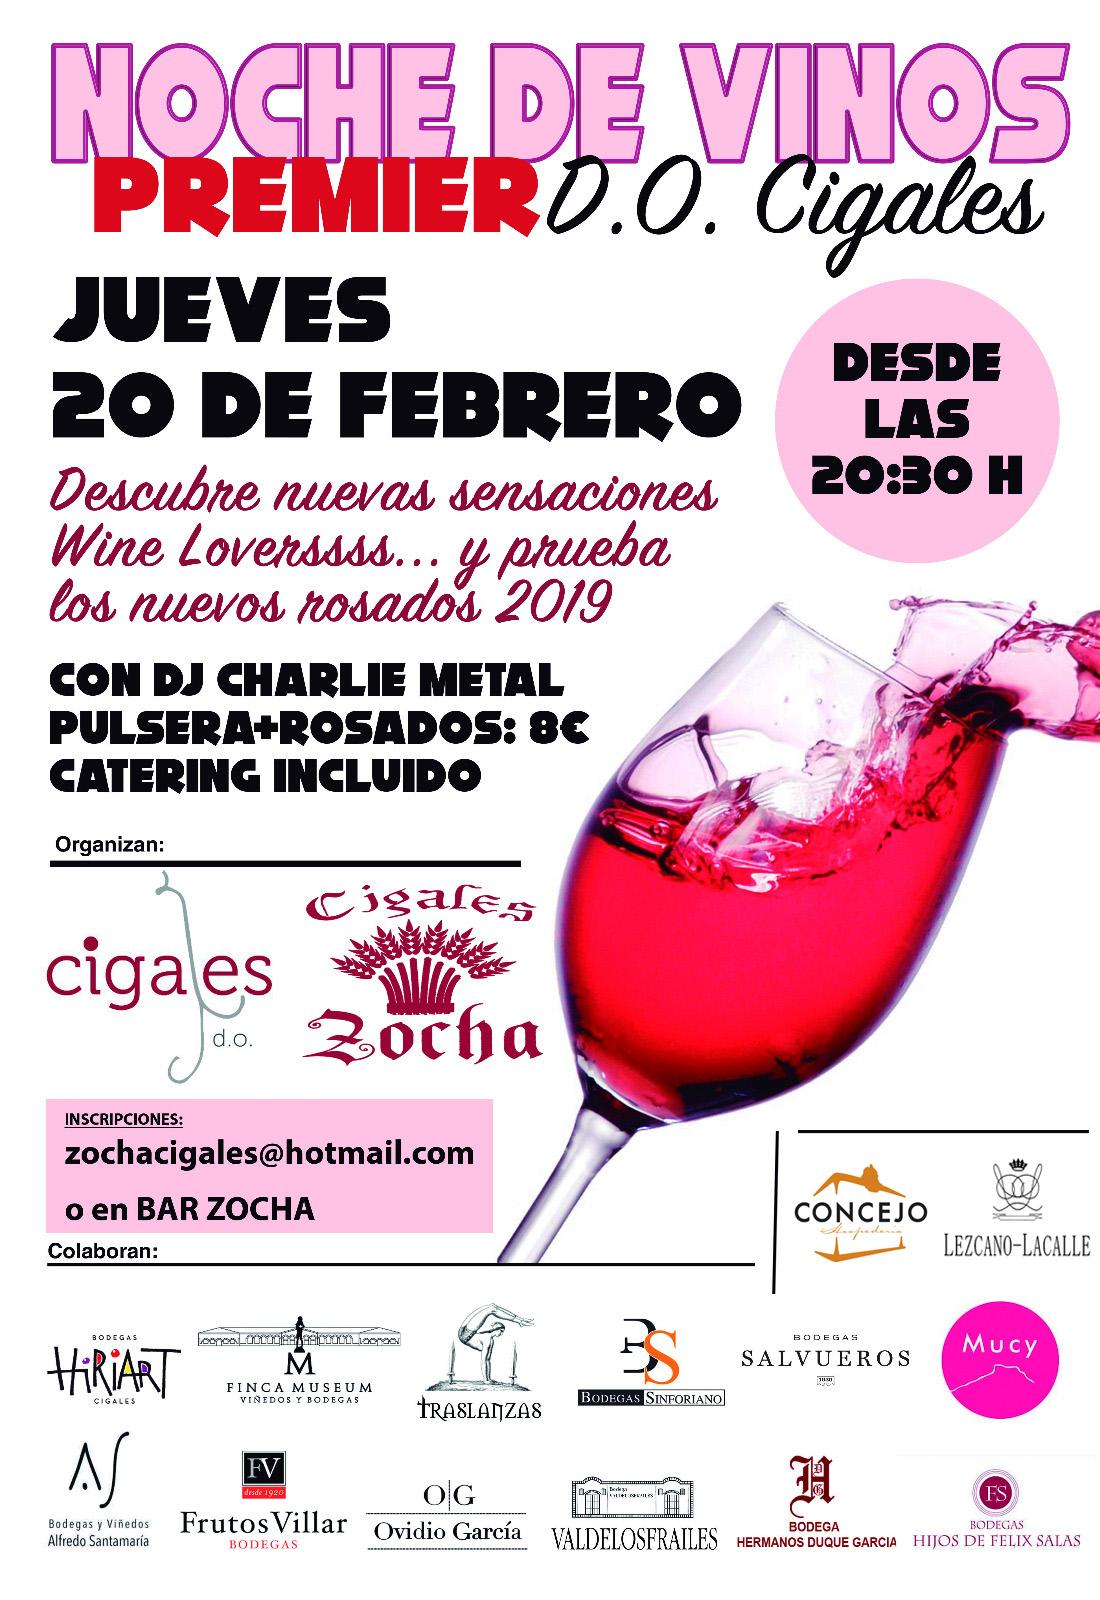 La D.O. Cigales celebra la llegada de los nuevos rosados